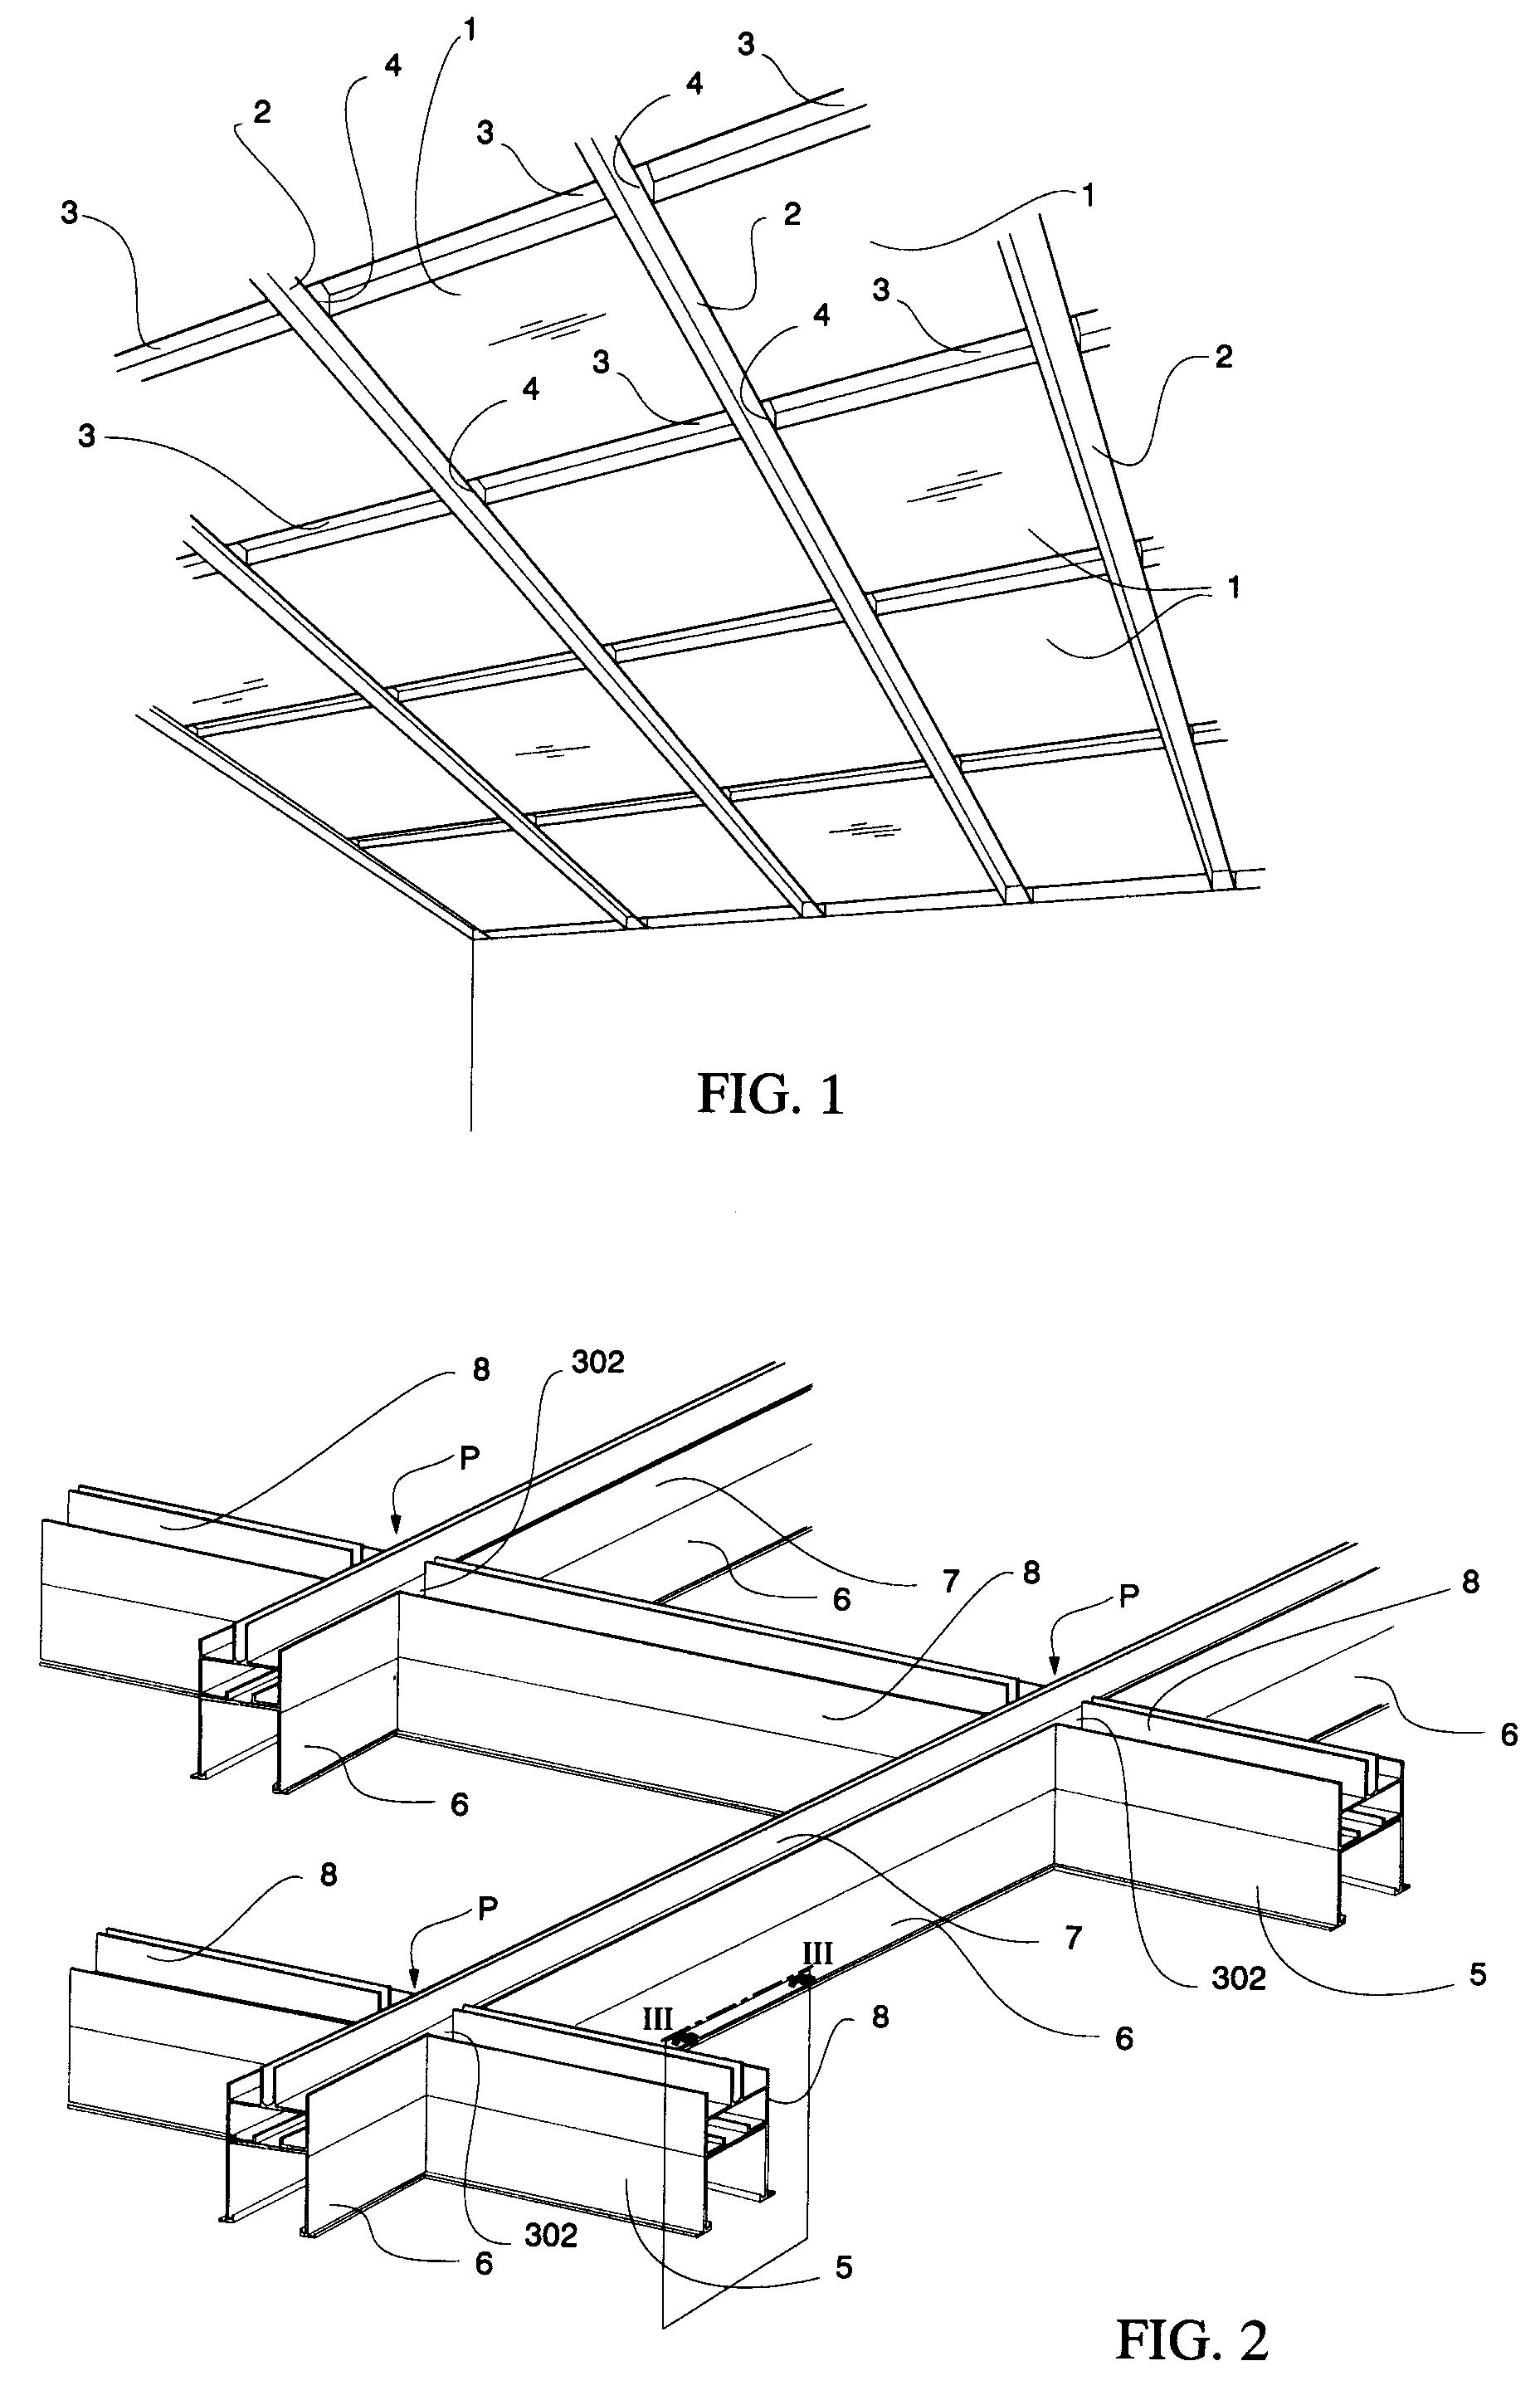 patent ep0627532a1 nouveau syst me de plafond suspensu pour salle blanche google patents. Black Bedroom Furniture Sets. Home Design Ideas